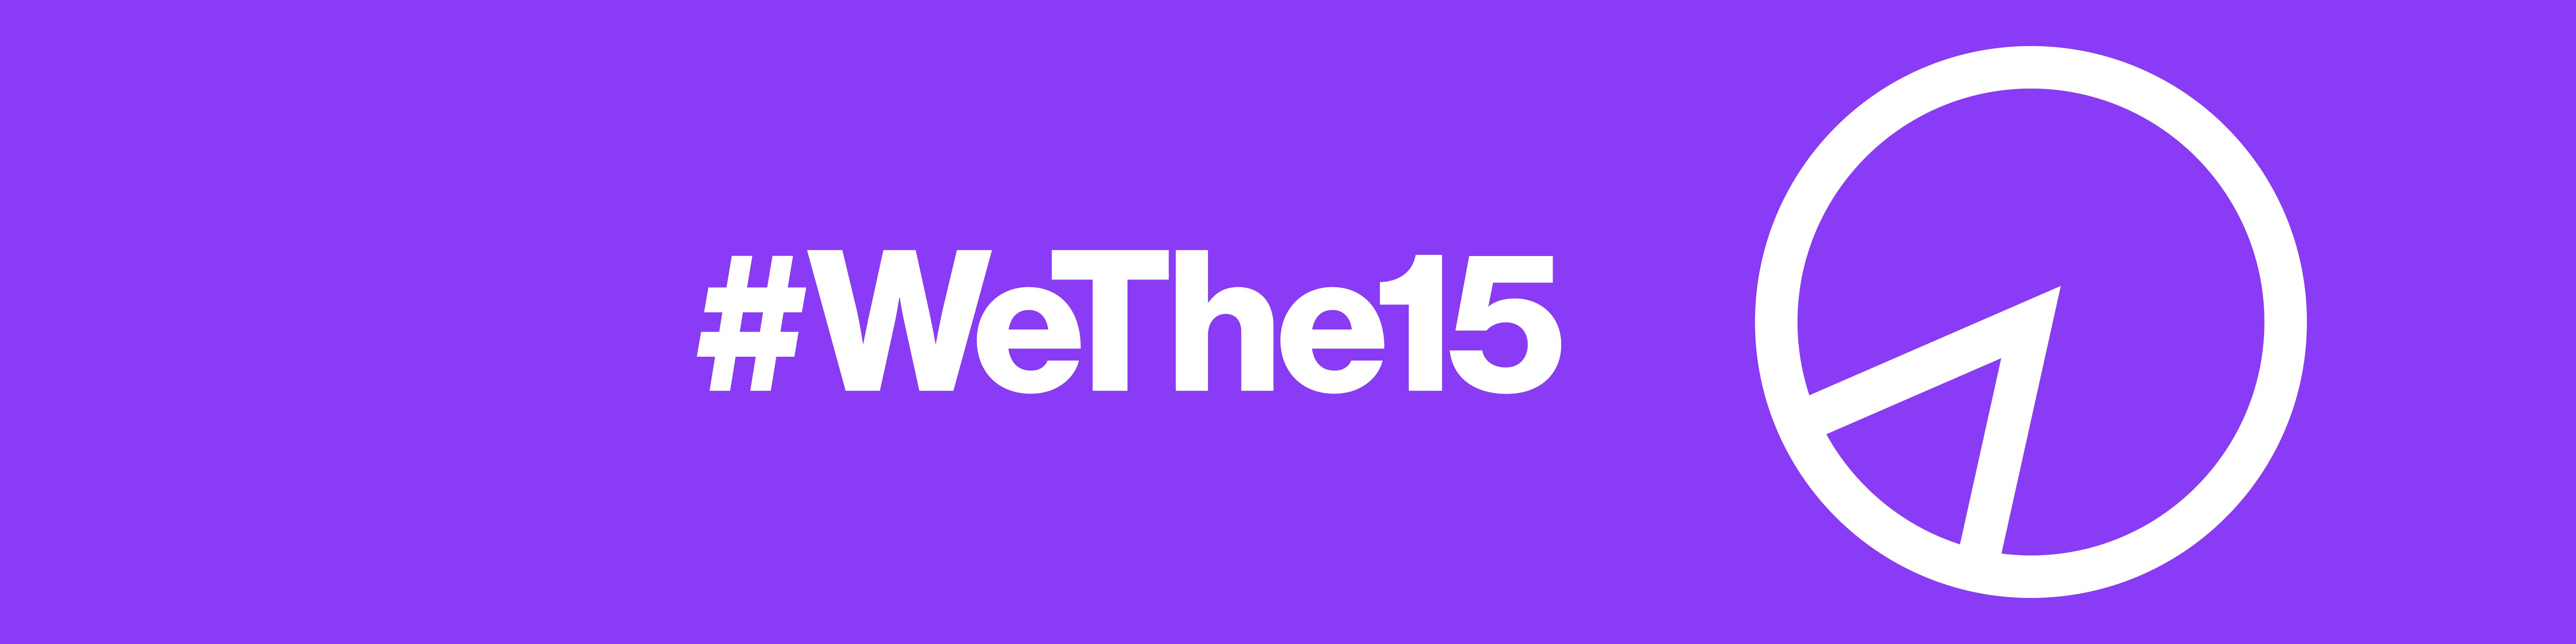 Logo de la campaña #Wethe15. Es color morado y aparece el hashtag acompañado de un símbolo gráfico para indicar el porcentaje.